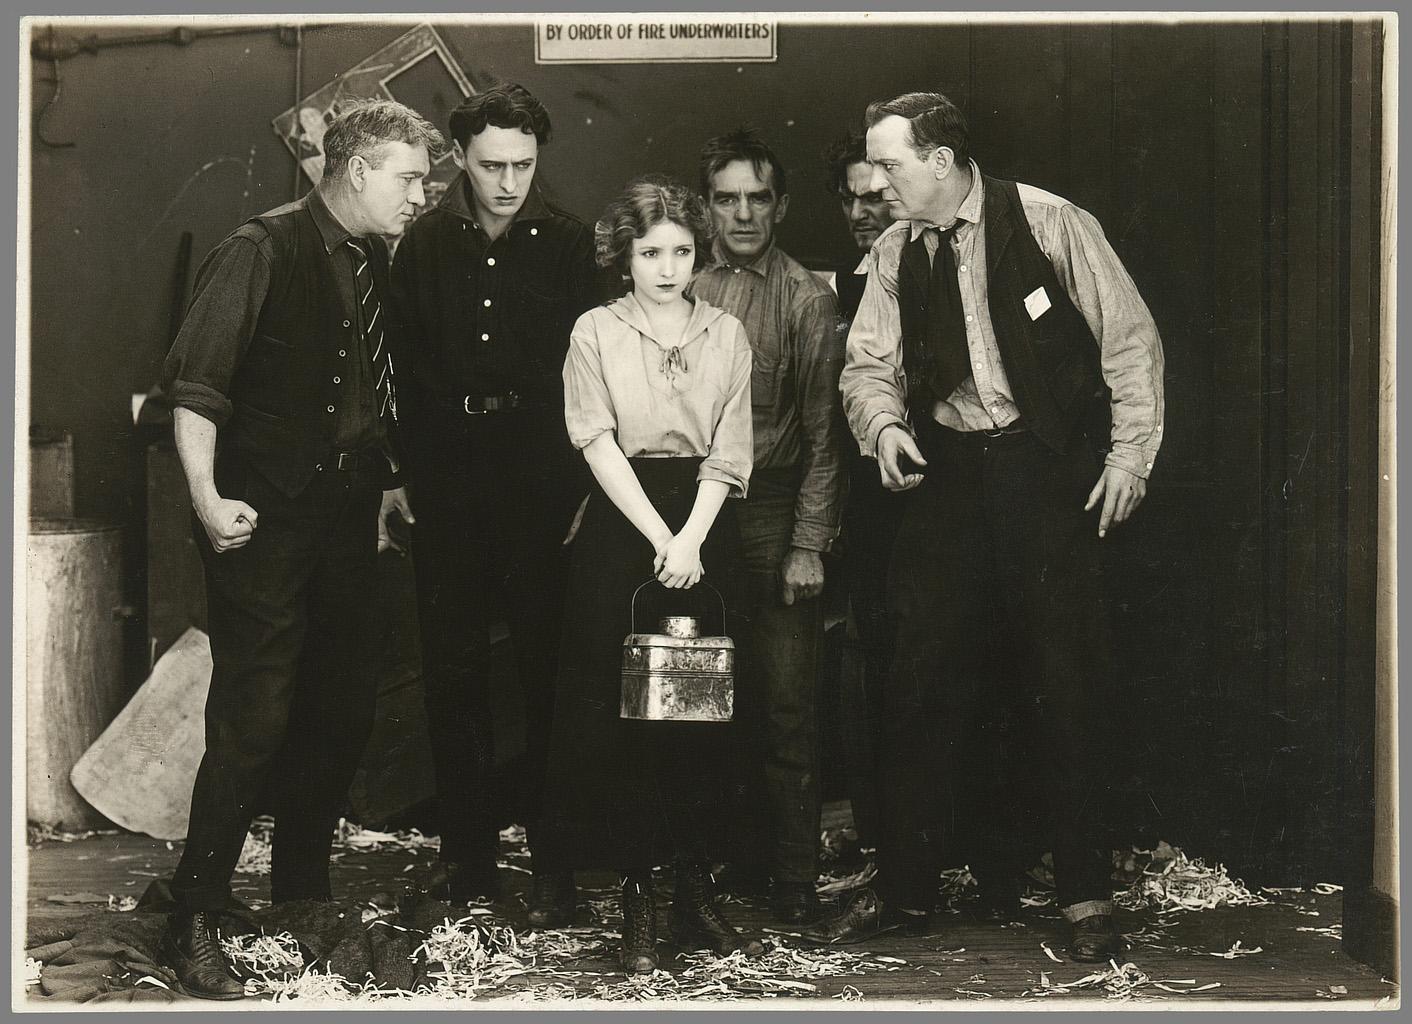 Edward Dillon, A Daughter of the Poor. Coll. Cinémathèque française. D.R. On goûtera là aussi la fermeture à gauche et à droite par les hommes de profil.